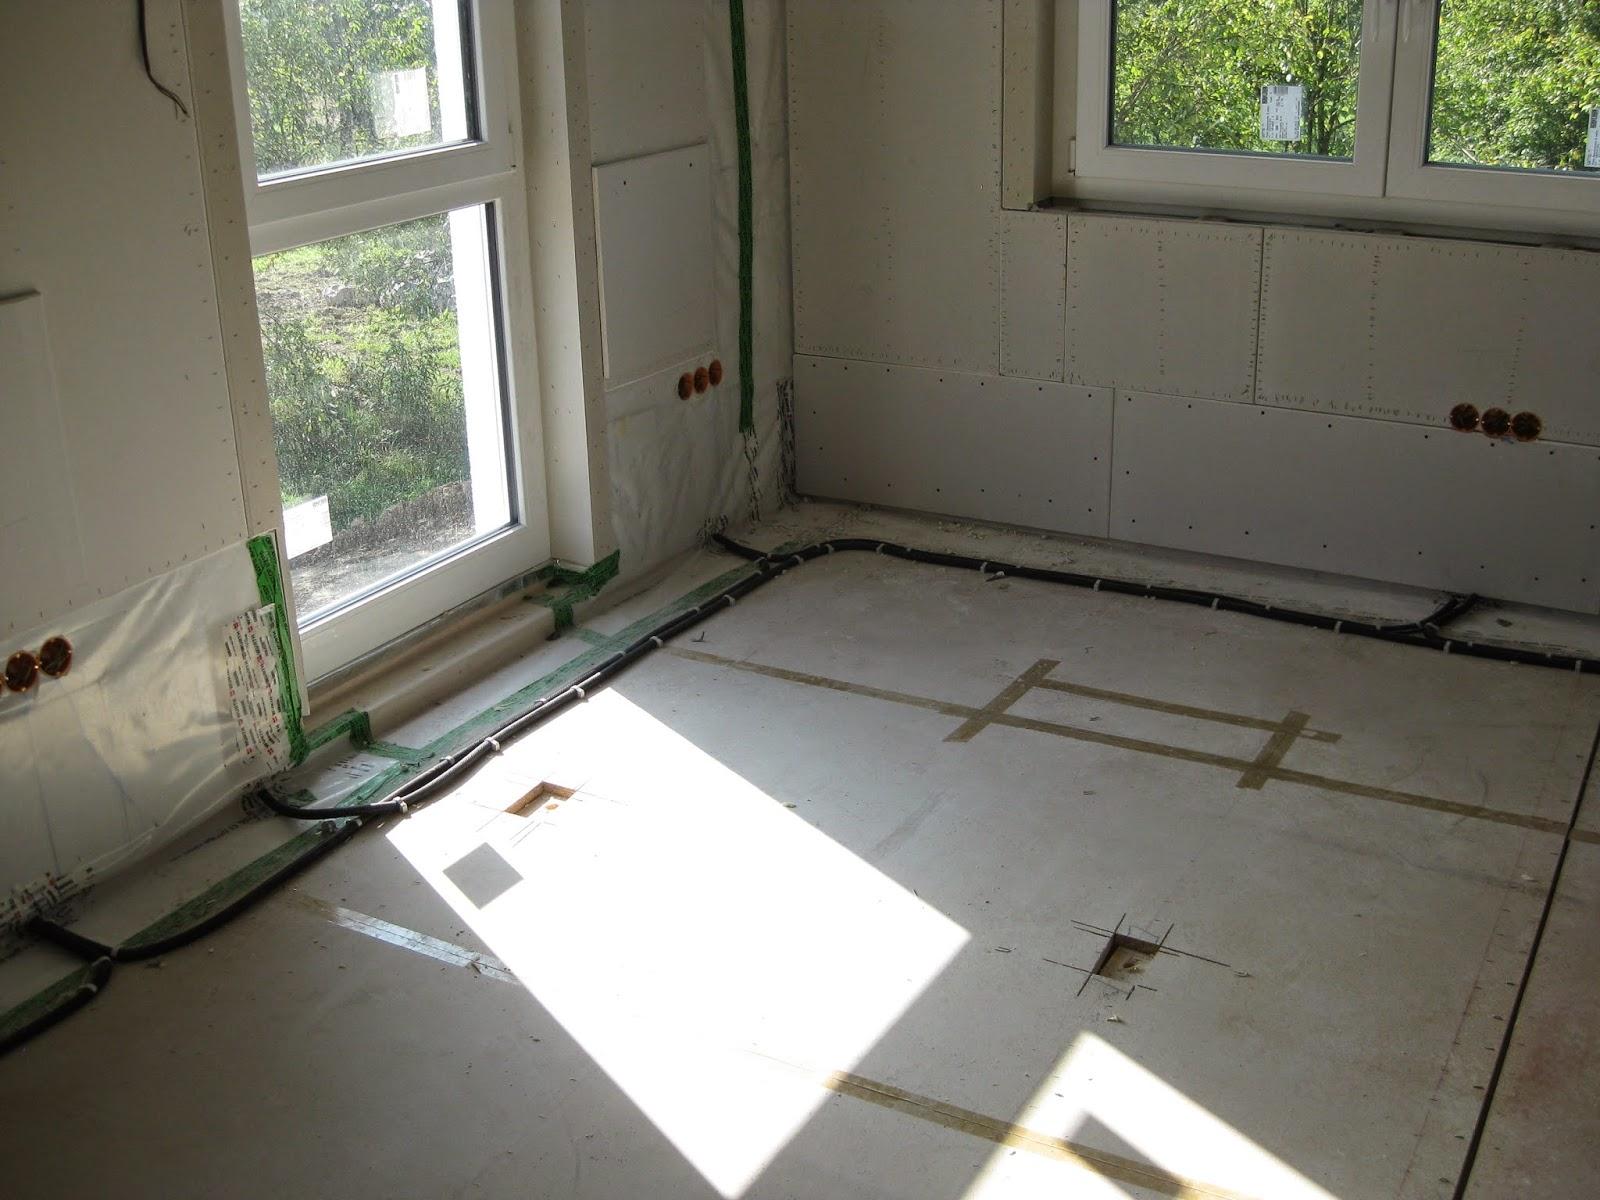 wir bauen ein okal haus kabel liegen volles haus ab montag. Black Bedroom Furniture Sets. Home Design Ideas